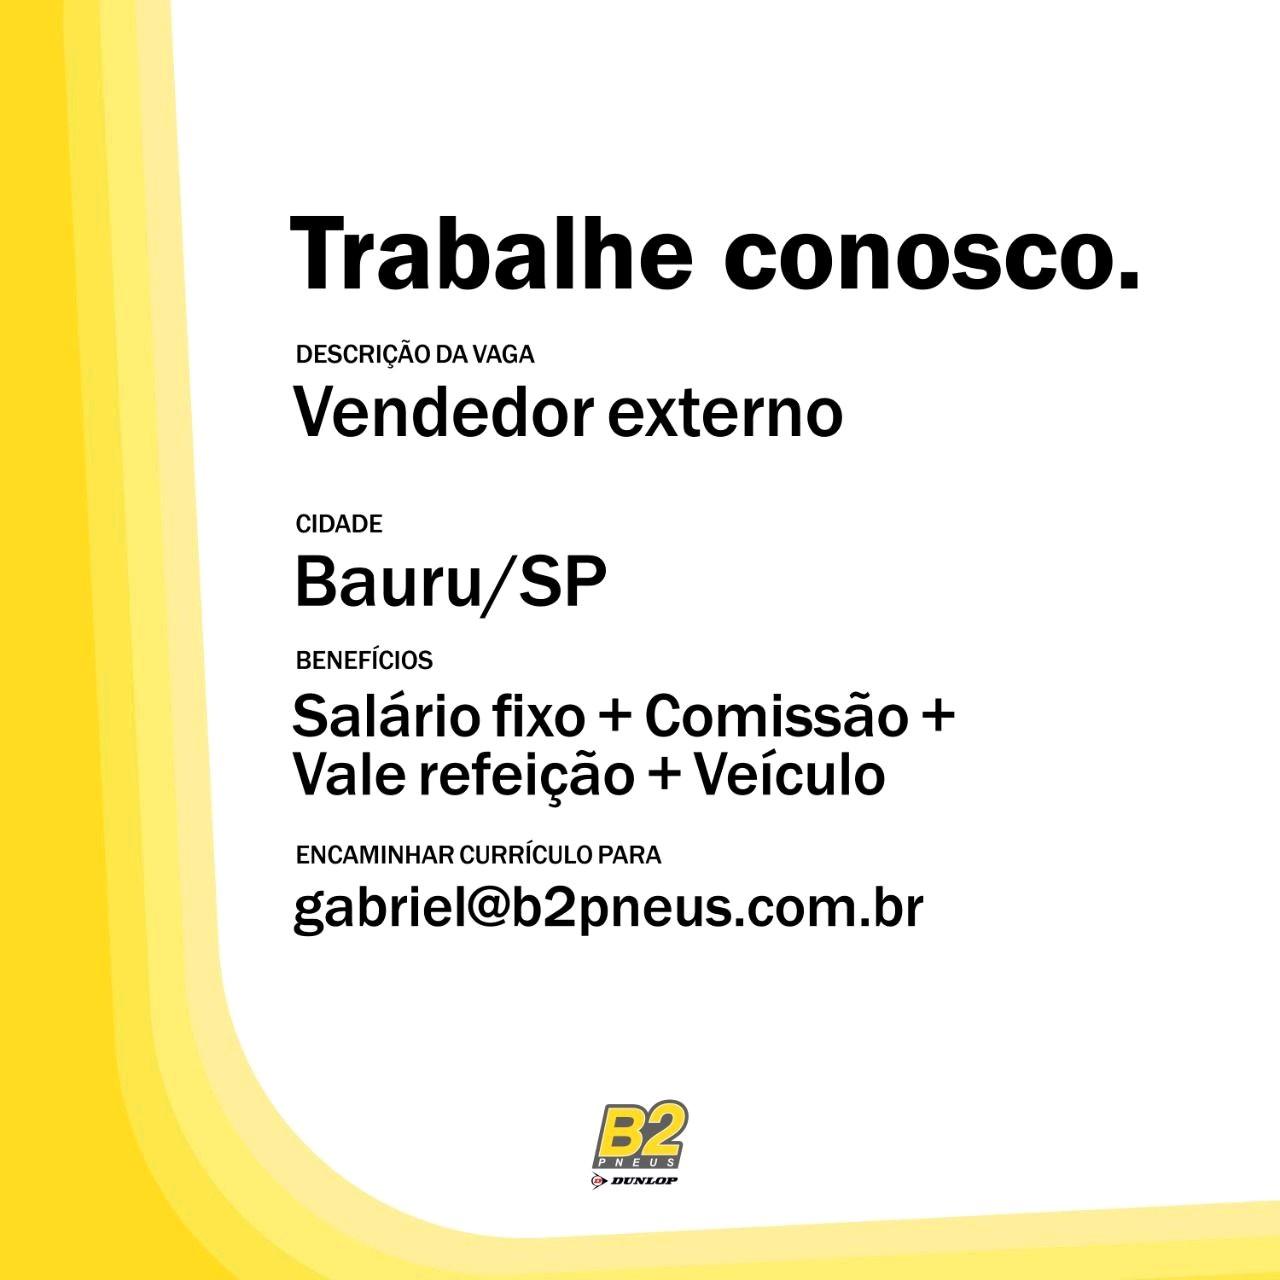 VagaVendedor externona B2 PNEUS em Bauru